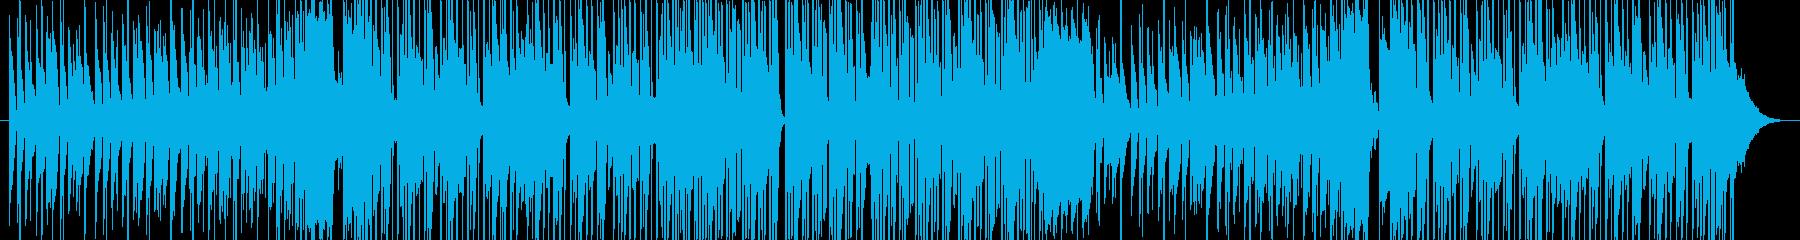 バックグラウンドアクションヒップホップの再生済みの波形